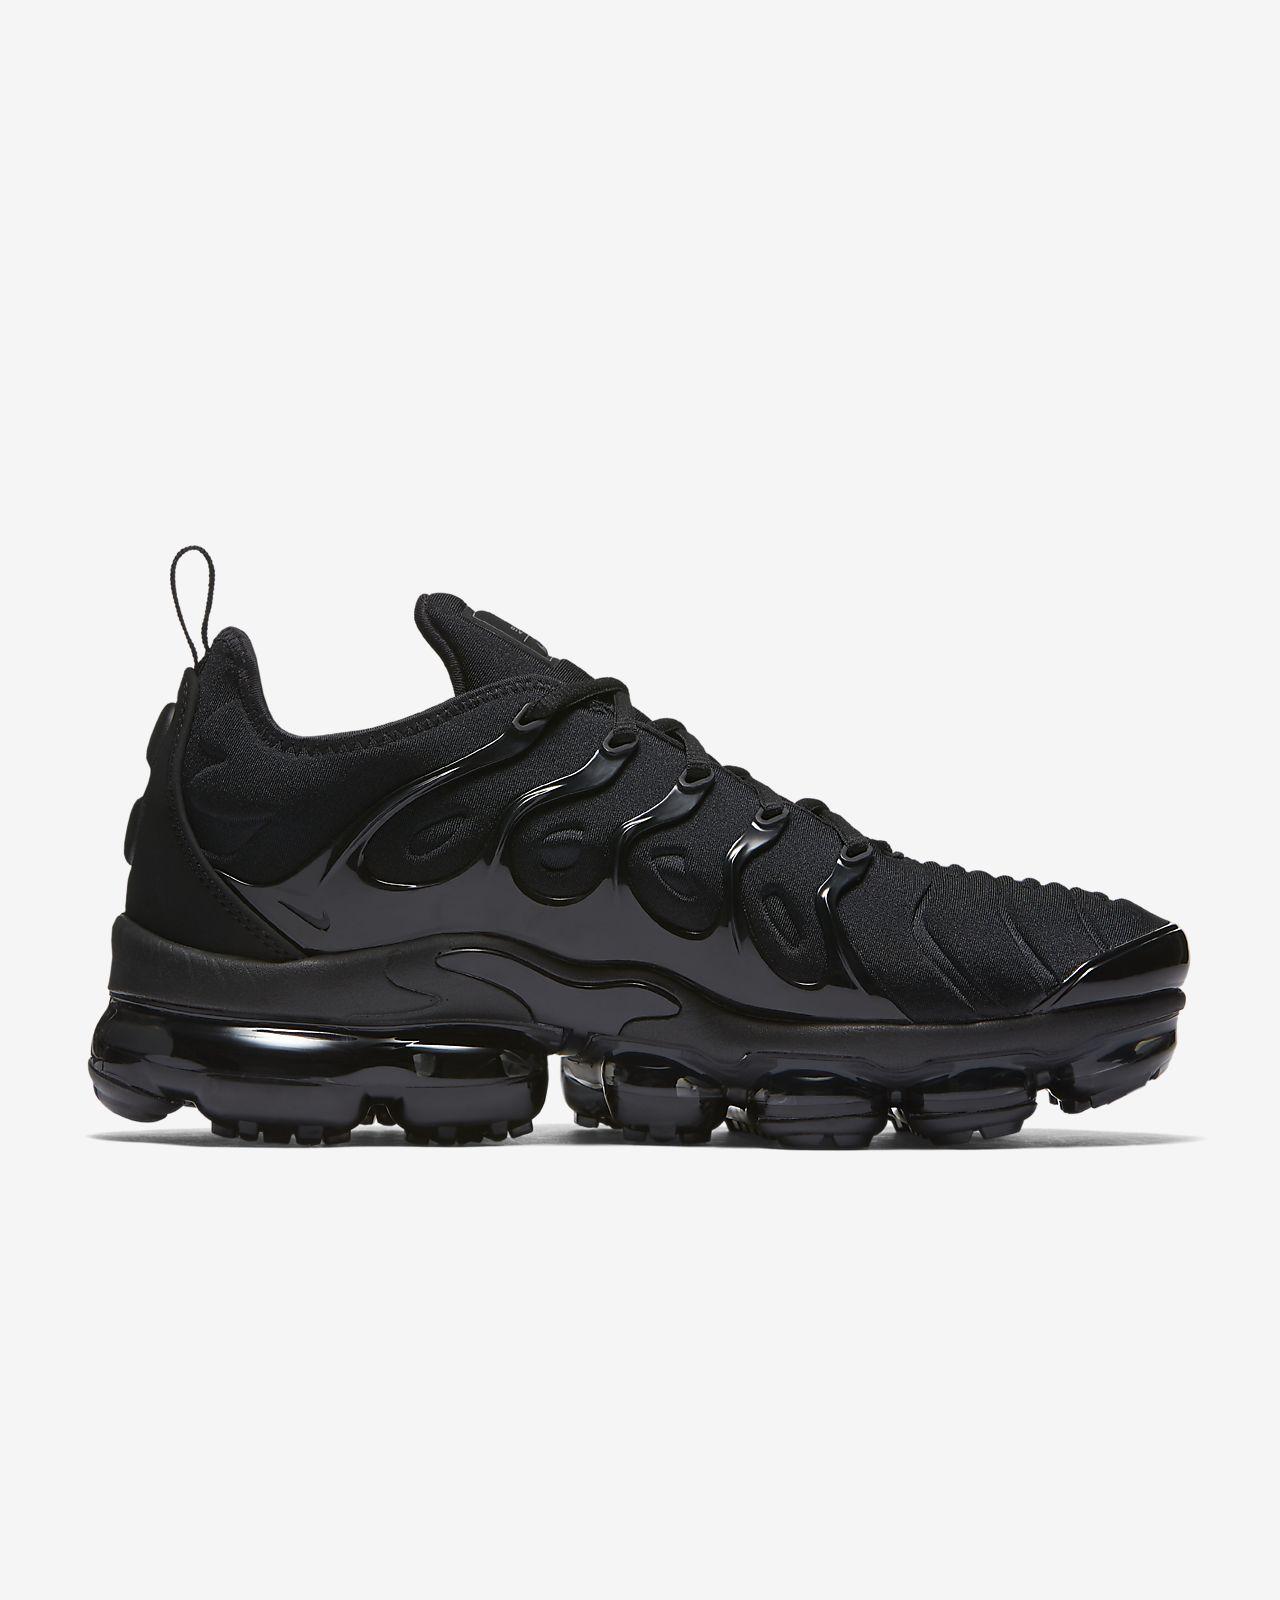 Compre Nike Air Vapormax Zapatillas Reflectantes Negras Para